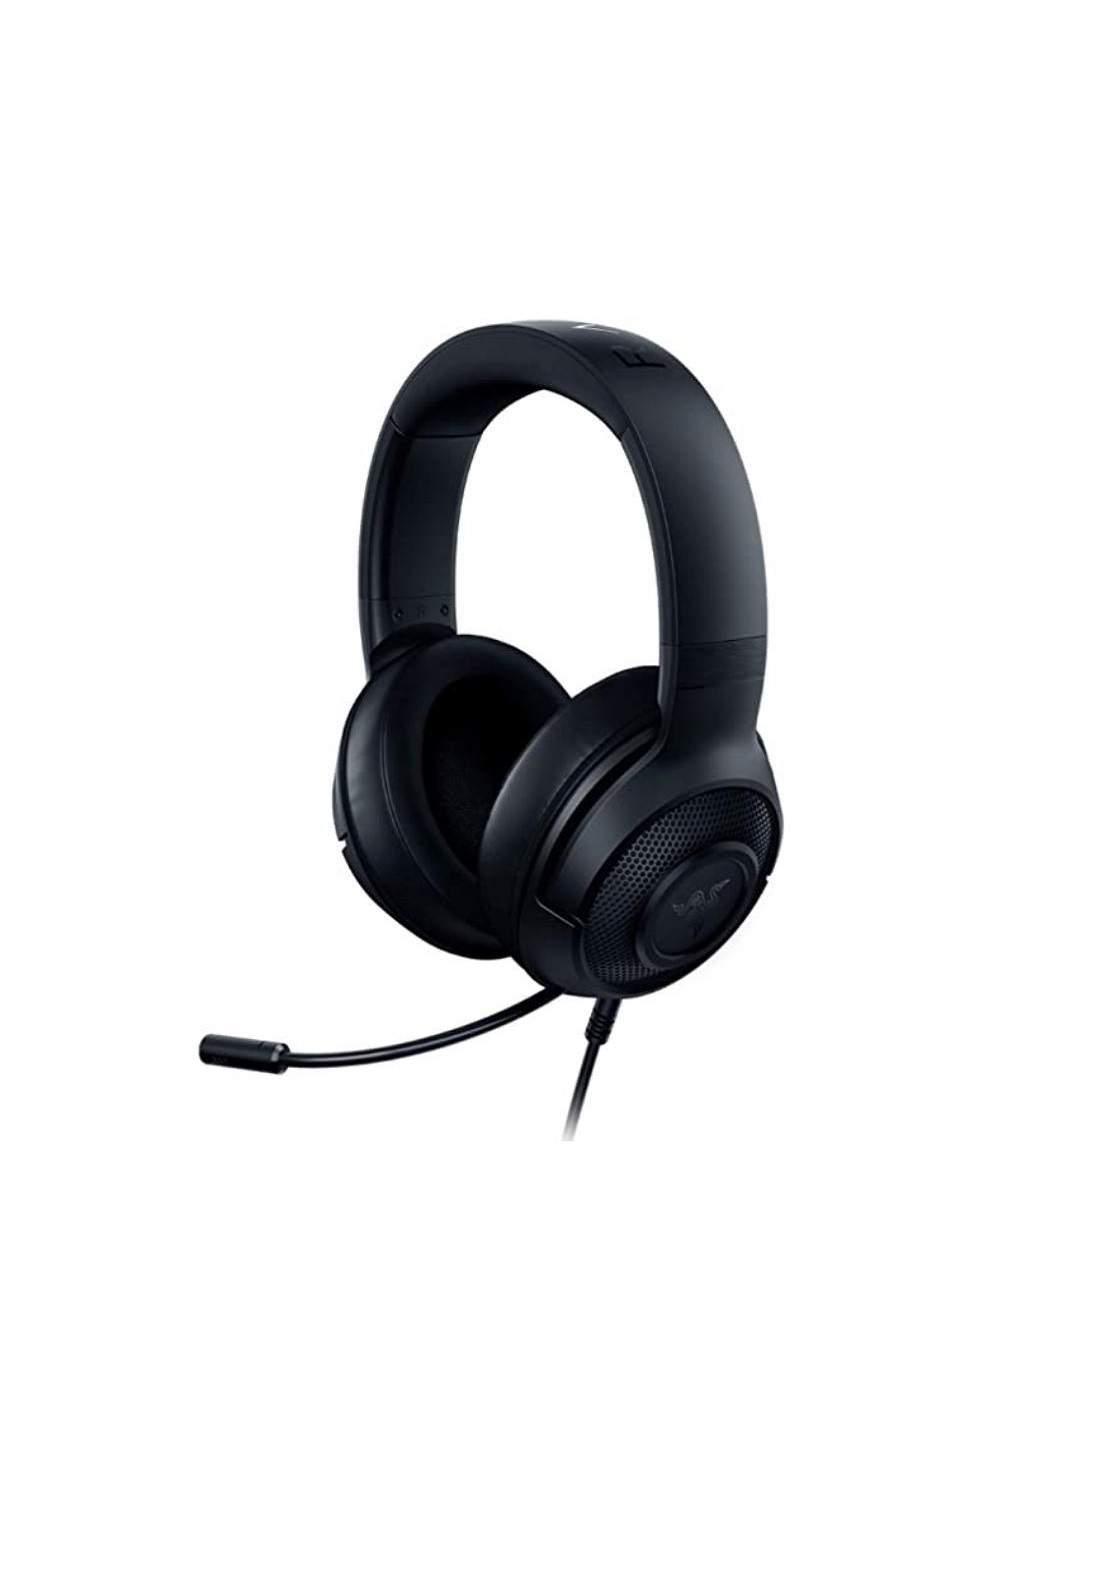 Razer Kraken X Lite Wired Gaming Headset - Black سماعة